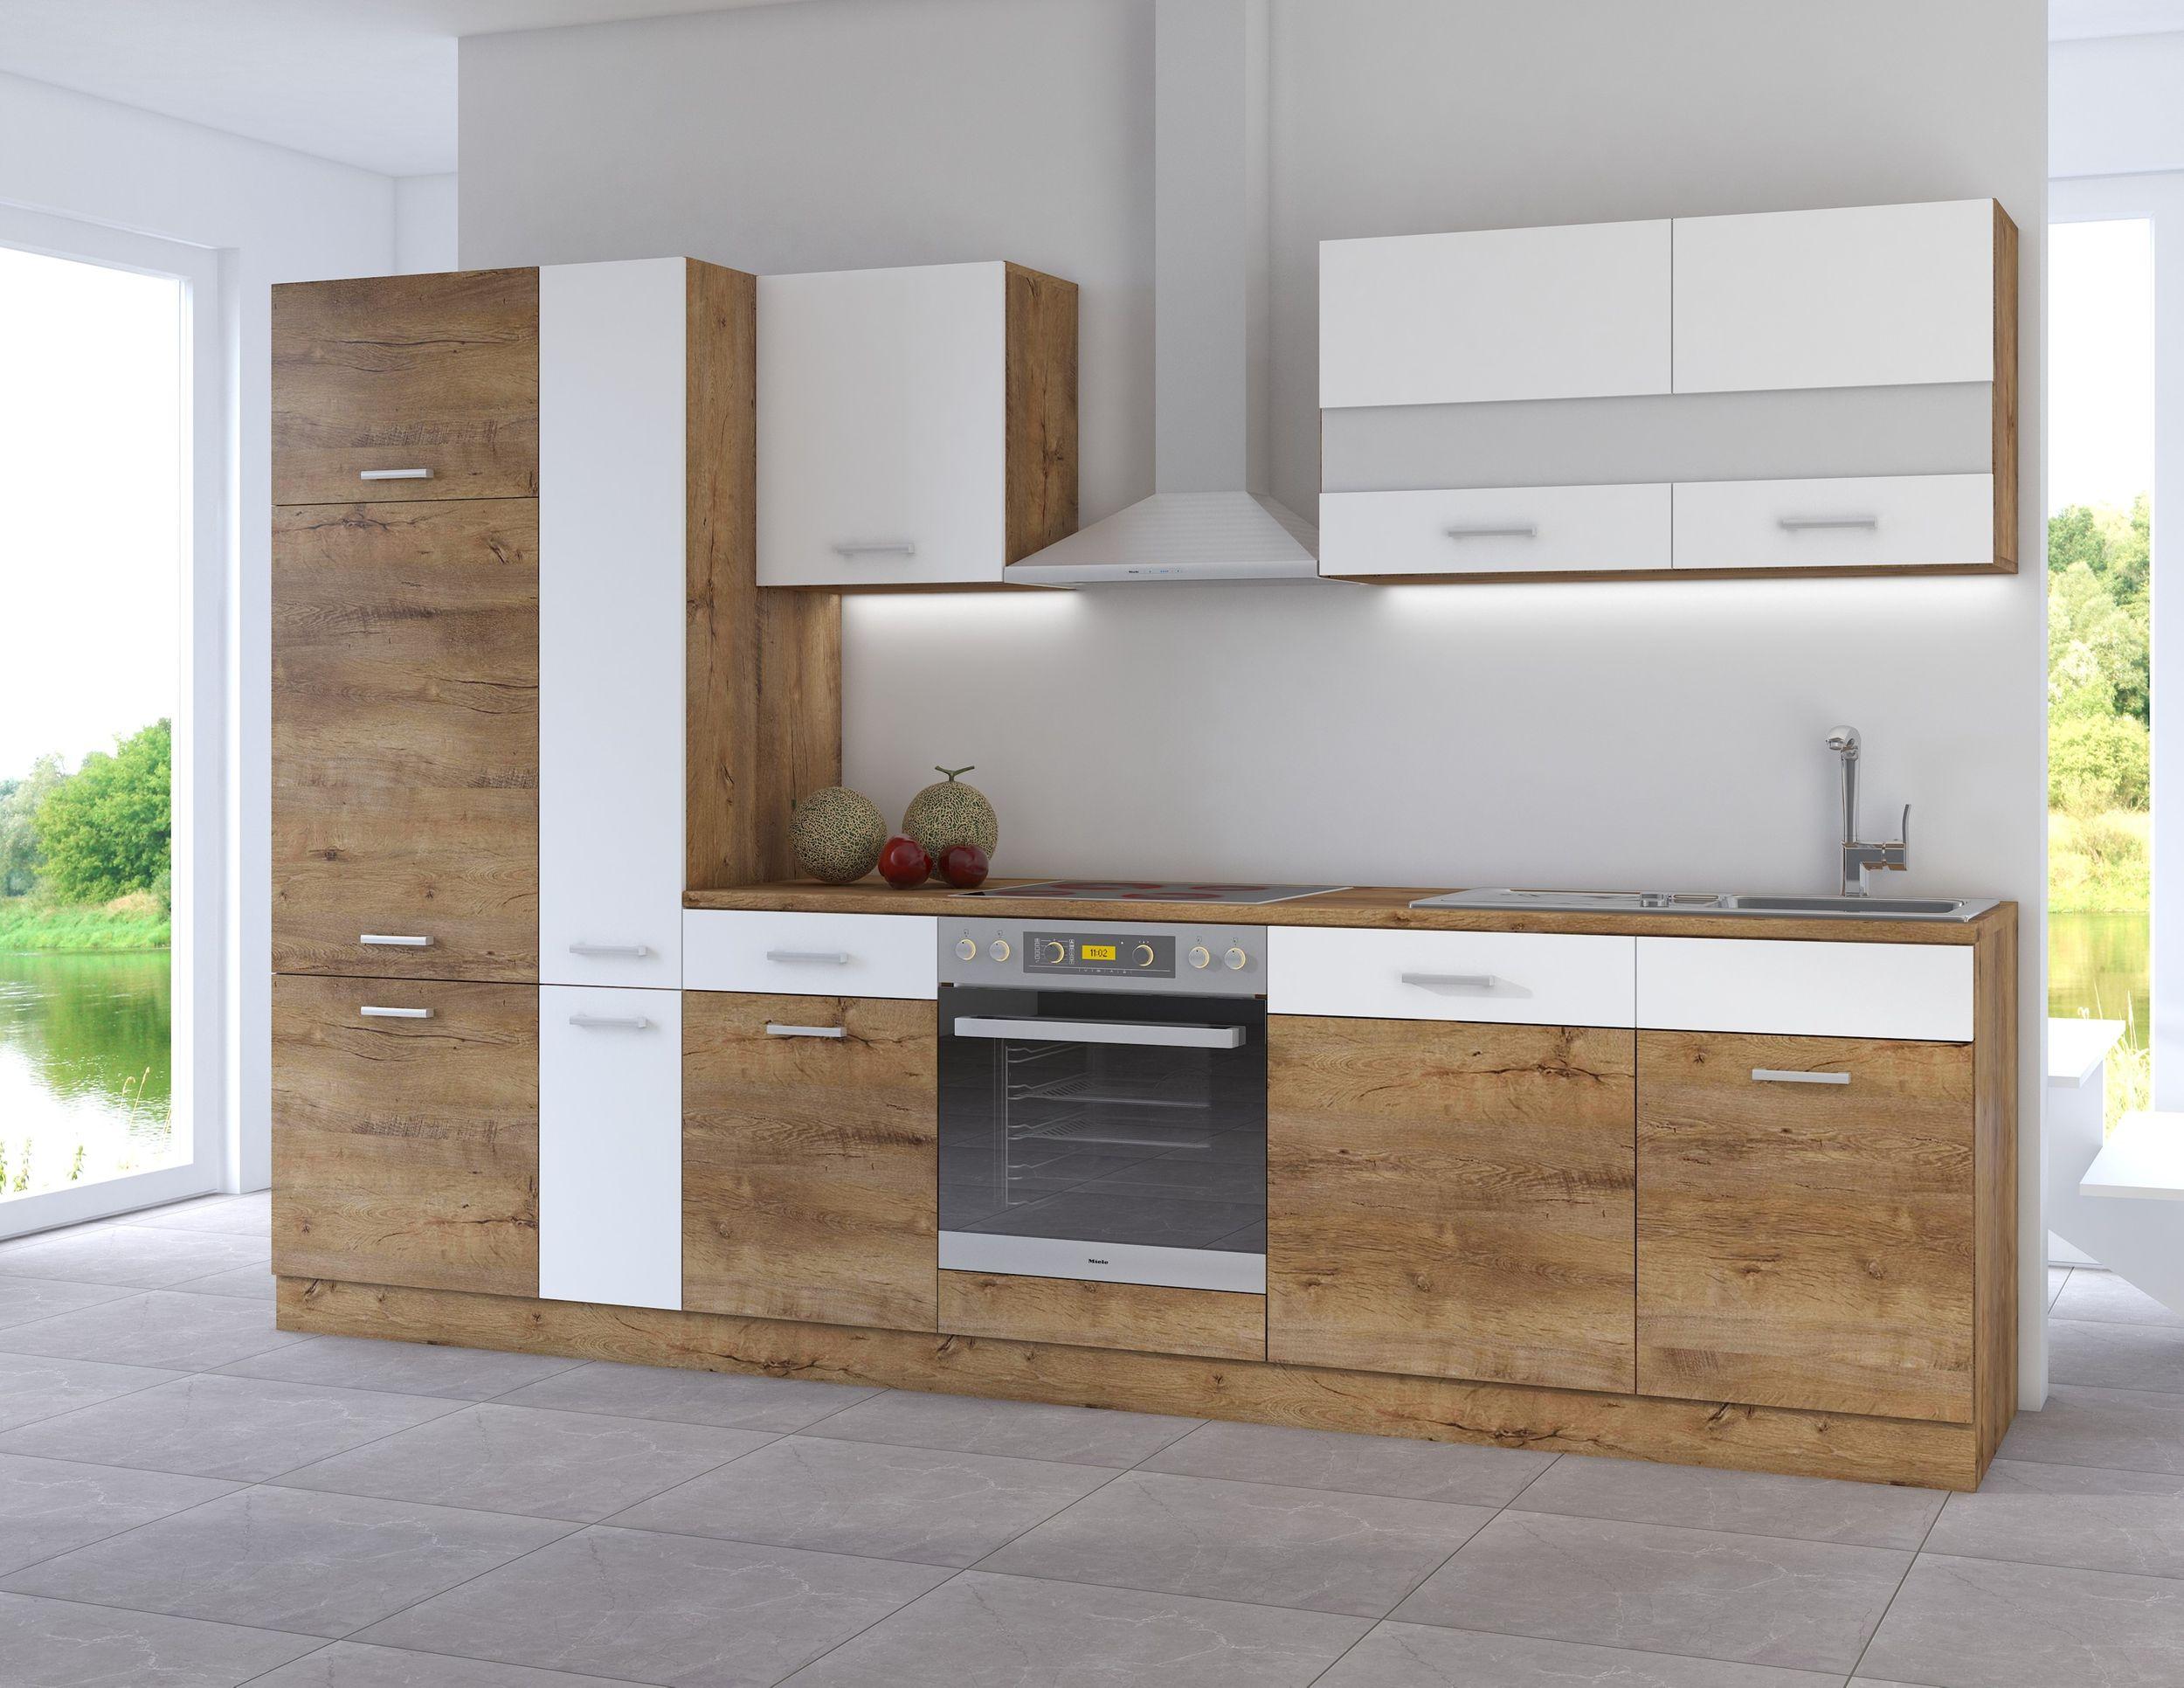 Full Size of Küchen Kche Cora Ii 310 Kchenzeile Kchenblock Einbaukche Eiche Regal Wohnzimmer Küchen